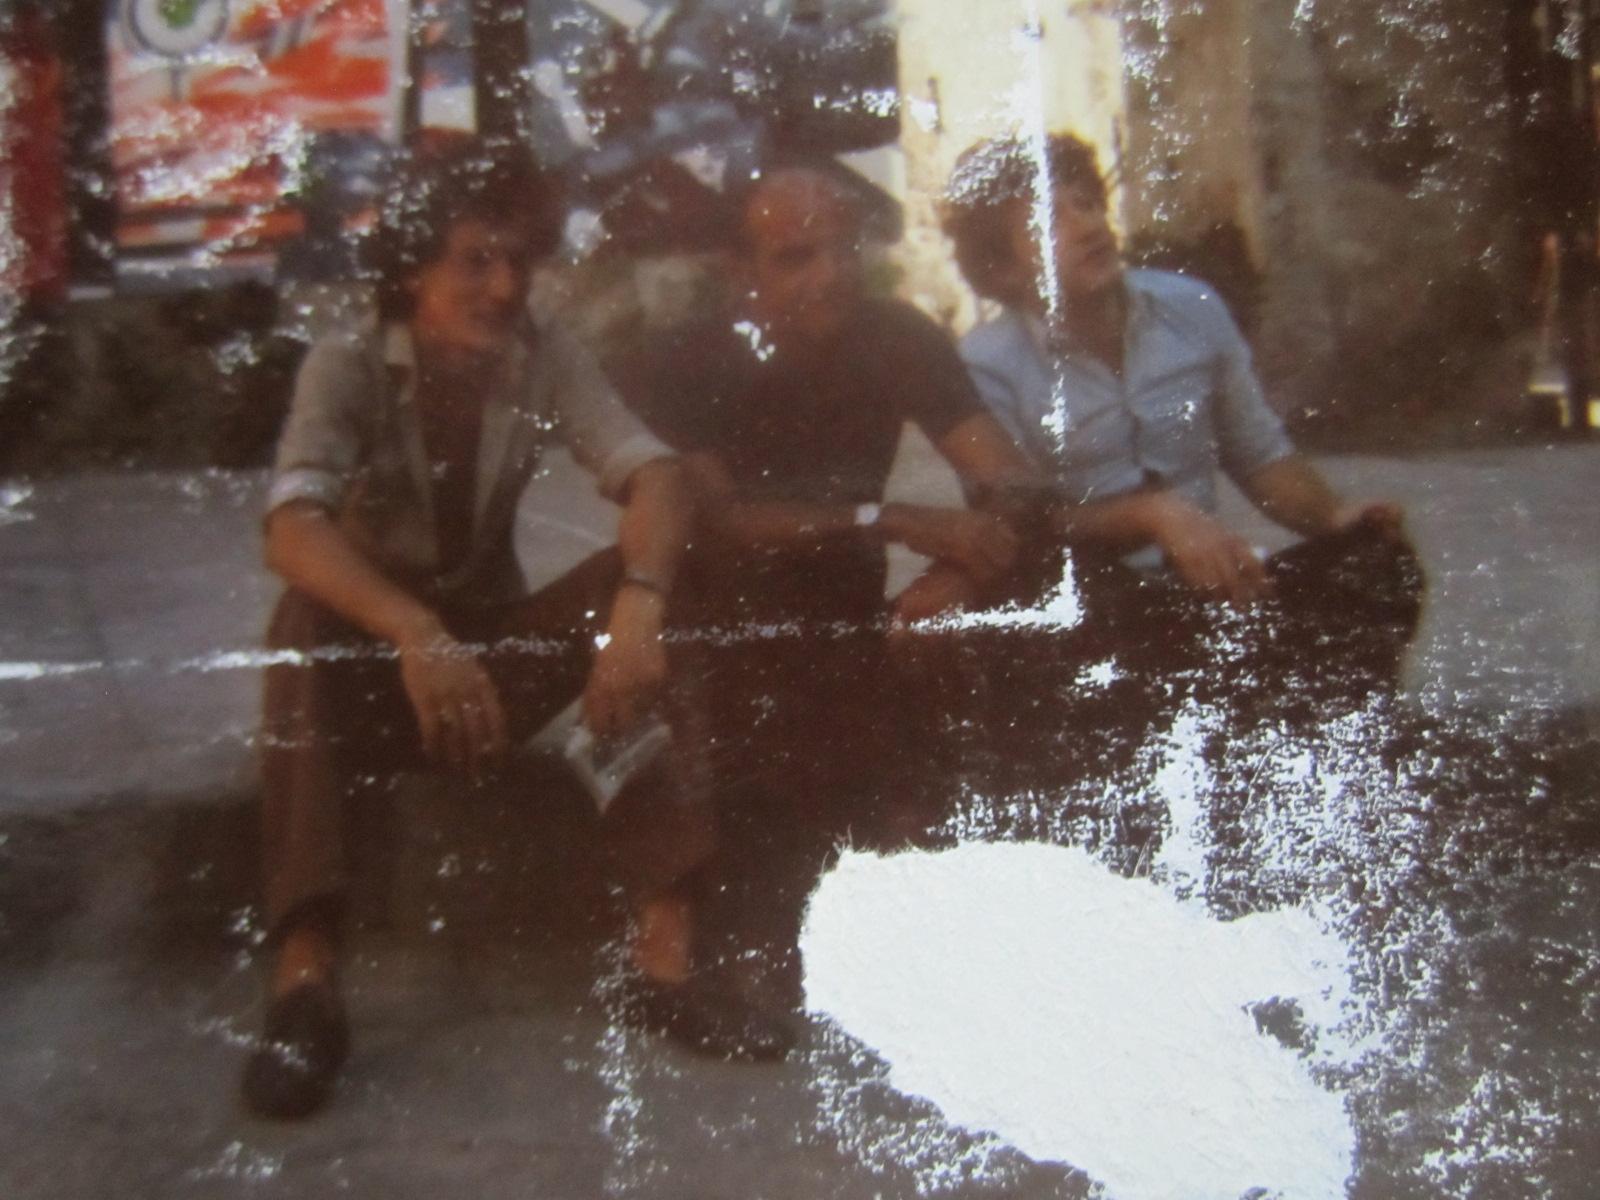 Piombino 1974, da destra verso sinistra: Adriano Bimbi, il maestro Fernando Farulli e Sergio Michilini